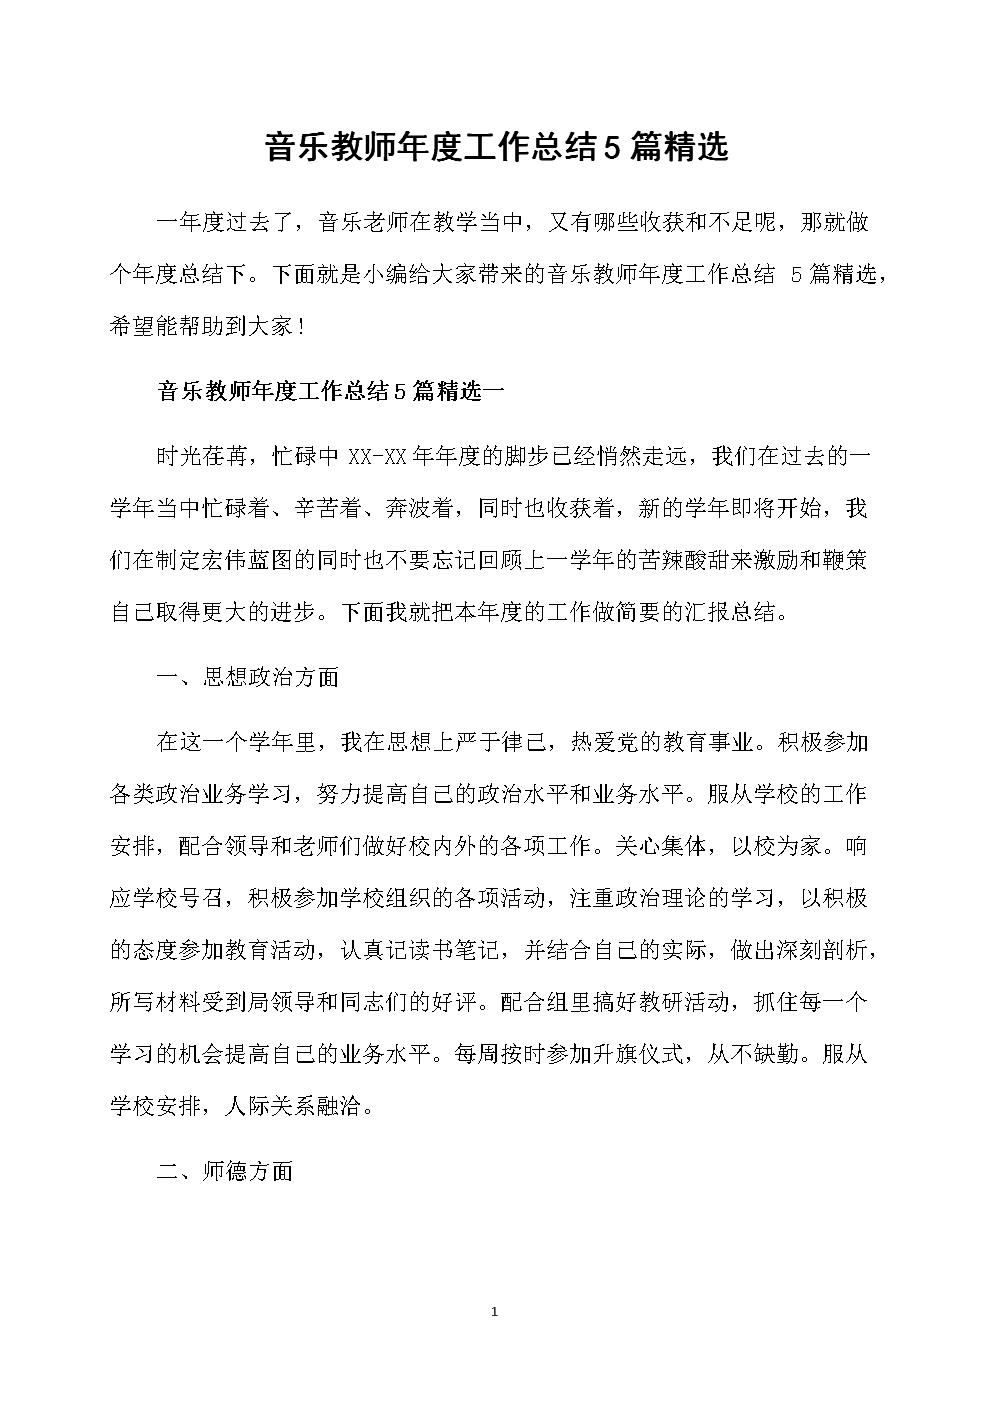 音樂教師年度工作總結5篇精選.doc